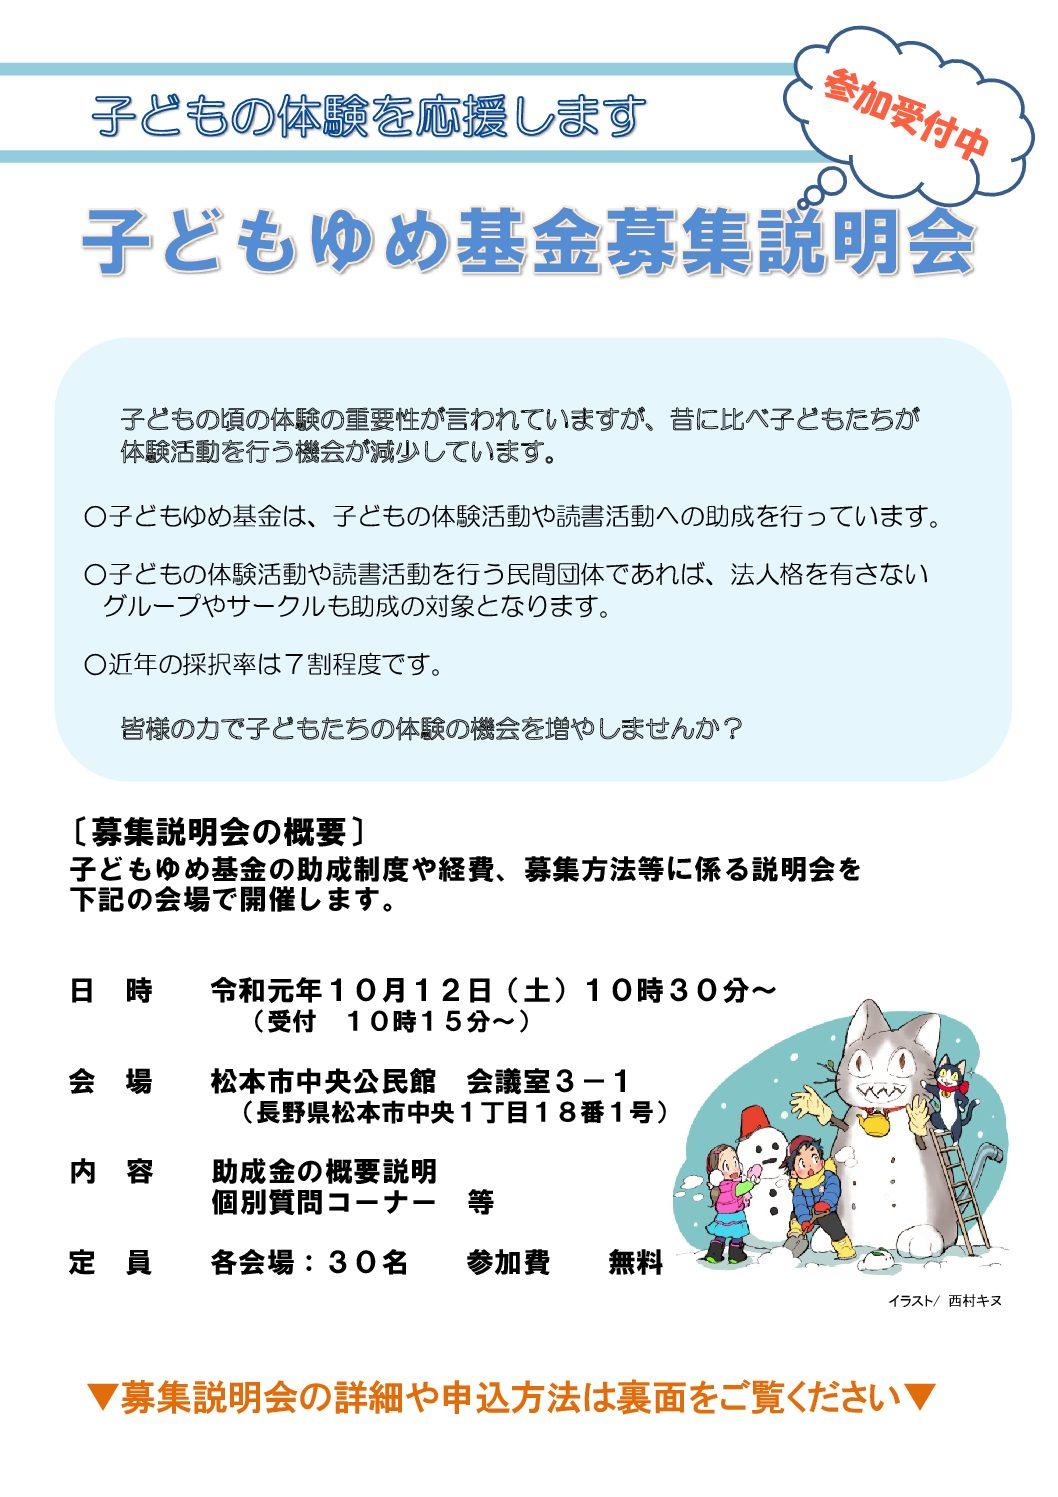 令和2年度子どもゆめ基金助成活動募集説明会を10月12日(土)に松本市で開催します